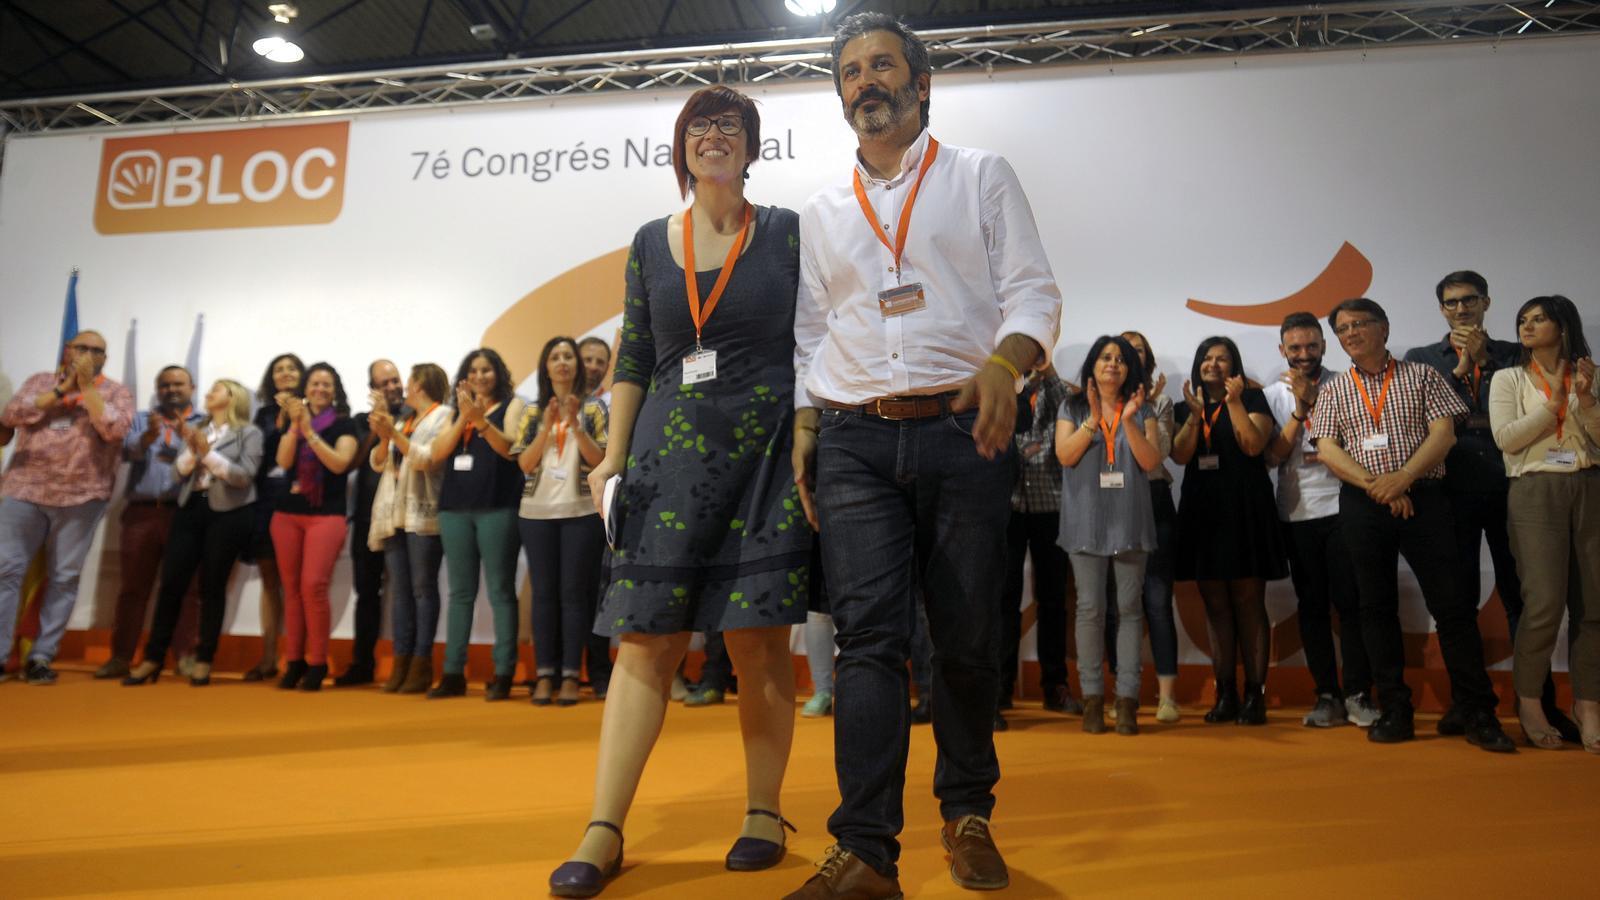 Àgueda Micó, com a coordinadora nacional, i Rafa Carbonell, com a portaveu del partit, seran els encarregats de dirigir el Bloc durant els pròxims anys.